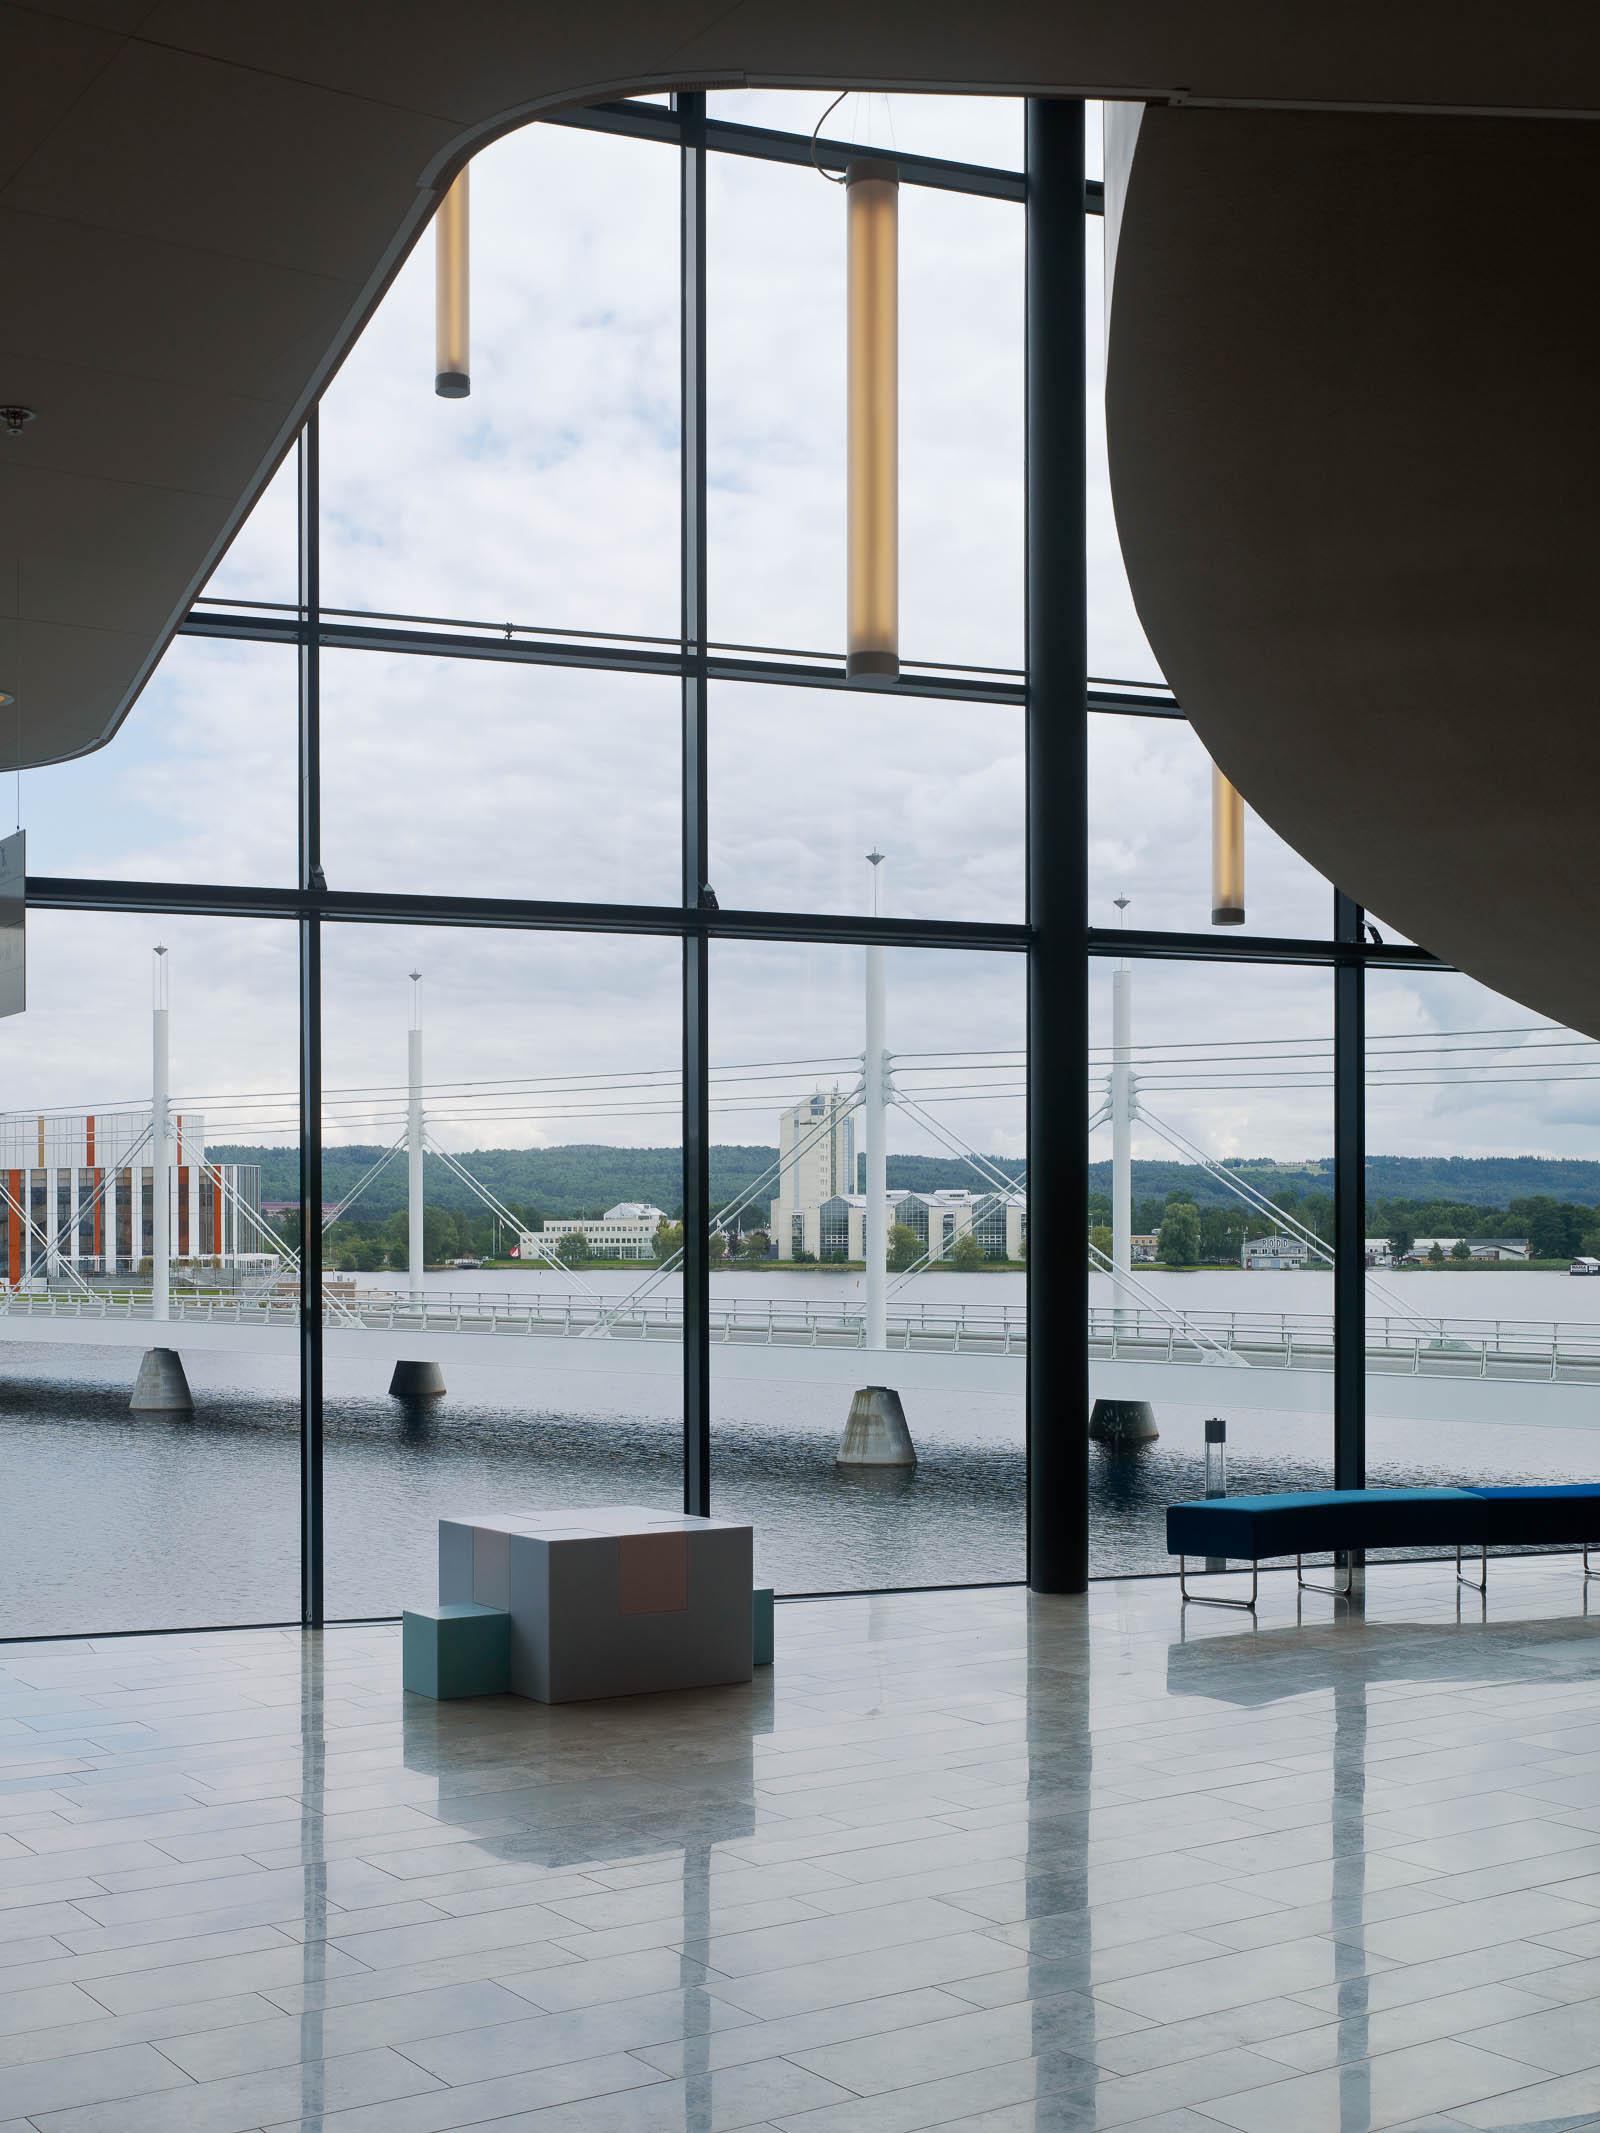 Inifrån byggnaden genom glasfasaden syns vattnet och en lång järnbro. Innanför fönstret en vit och blå skulptur. Jacob Dahlgren, Tetris, 2012.